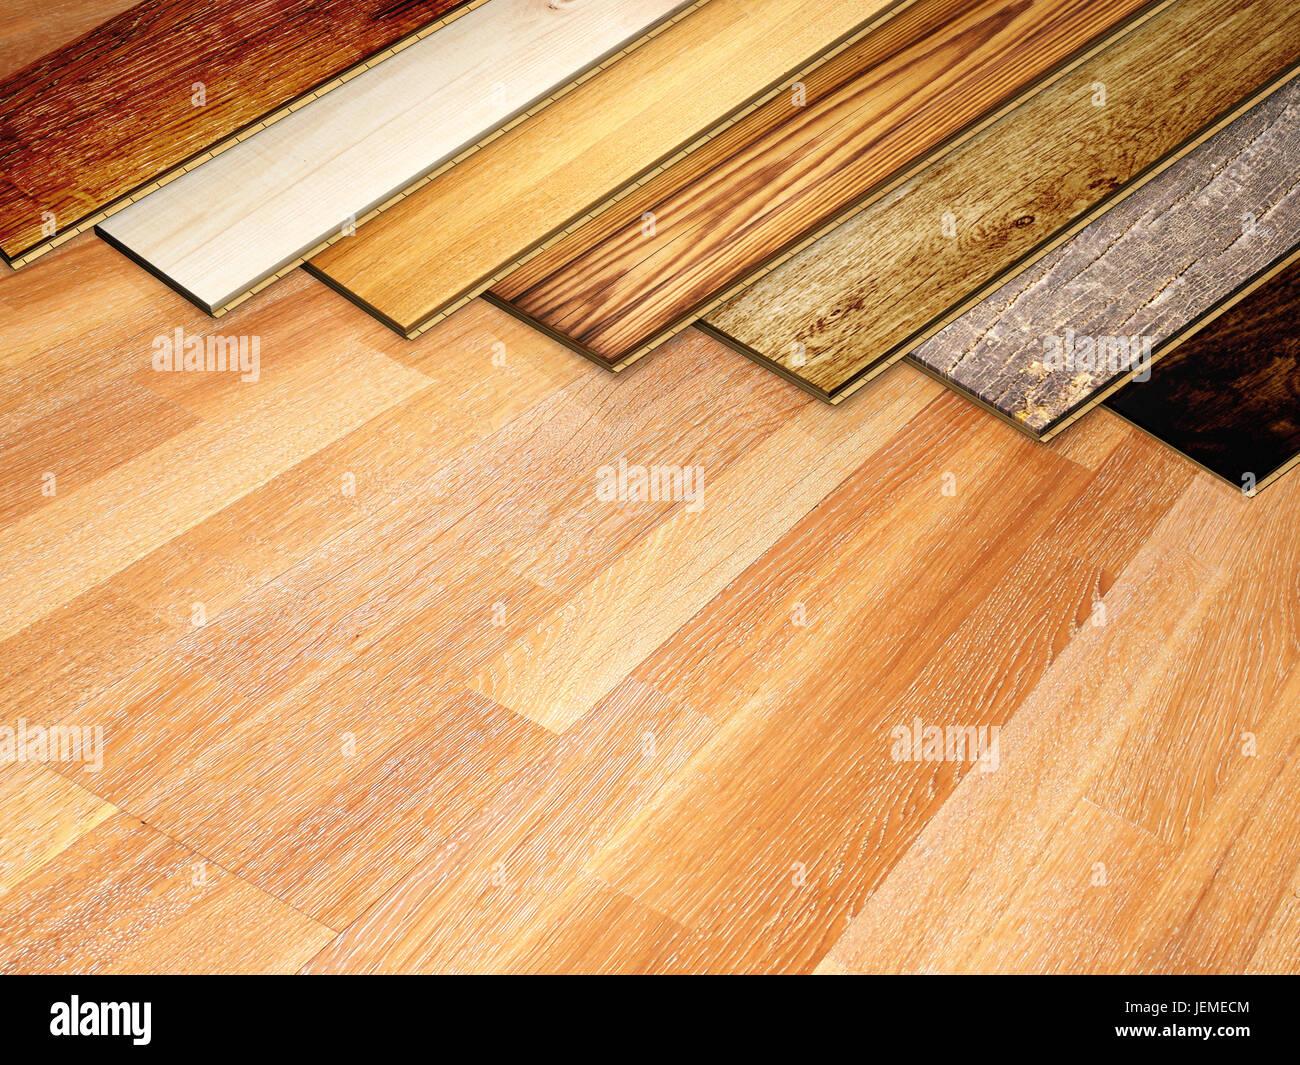 de nouvelles planches de parquet en chêne de différentes couleurs